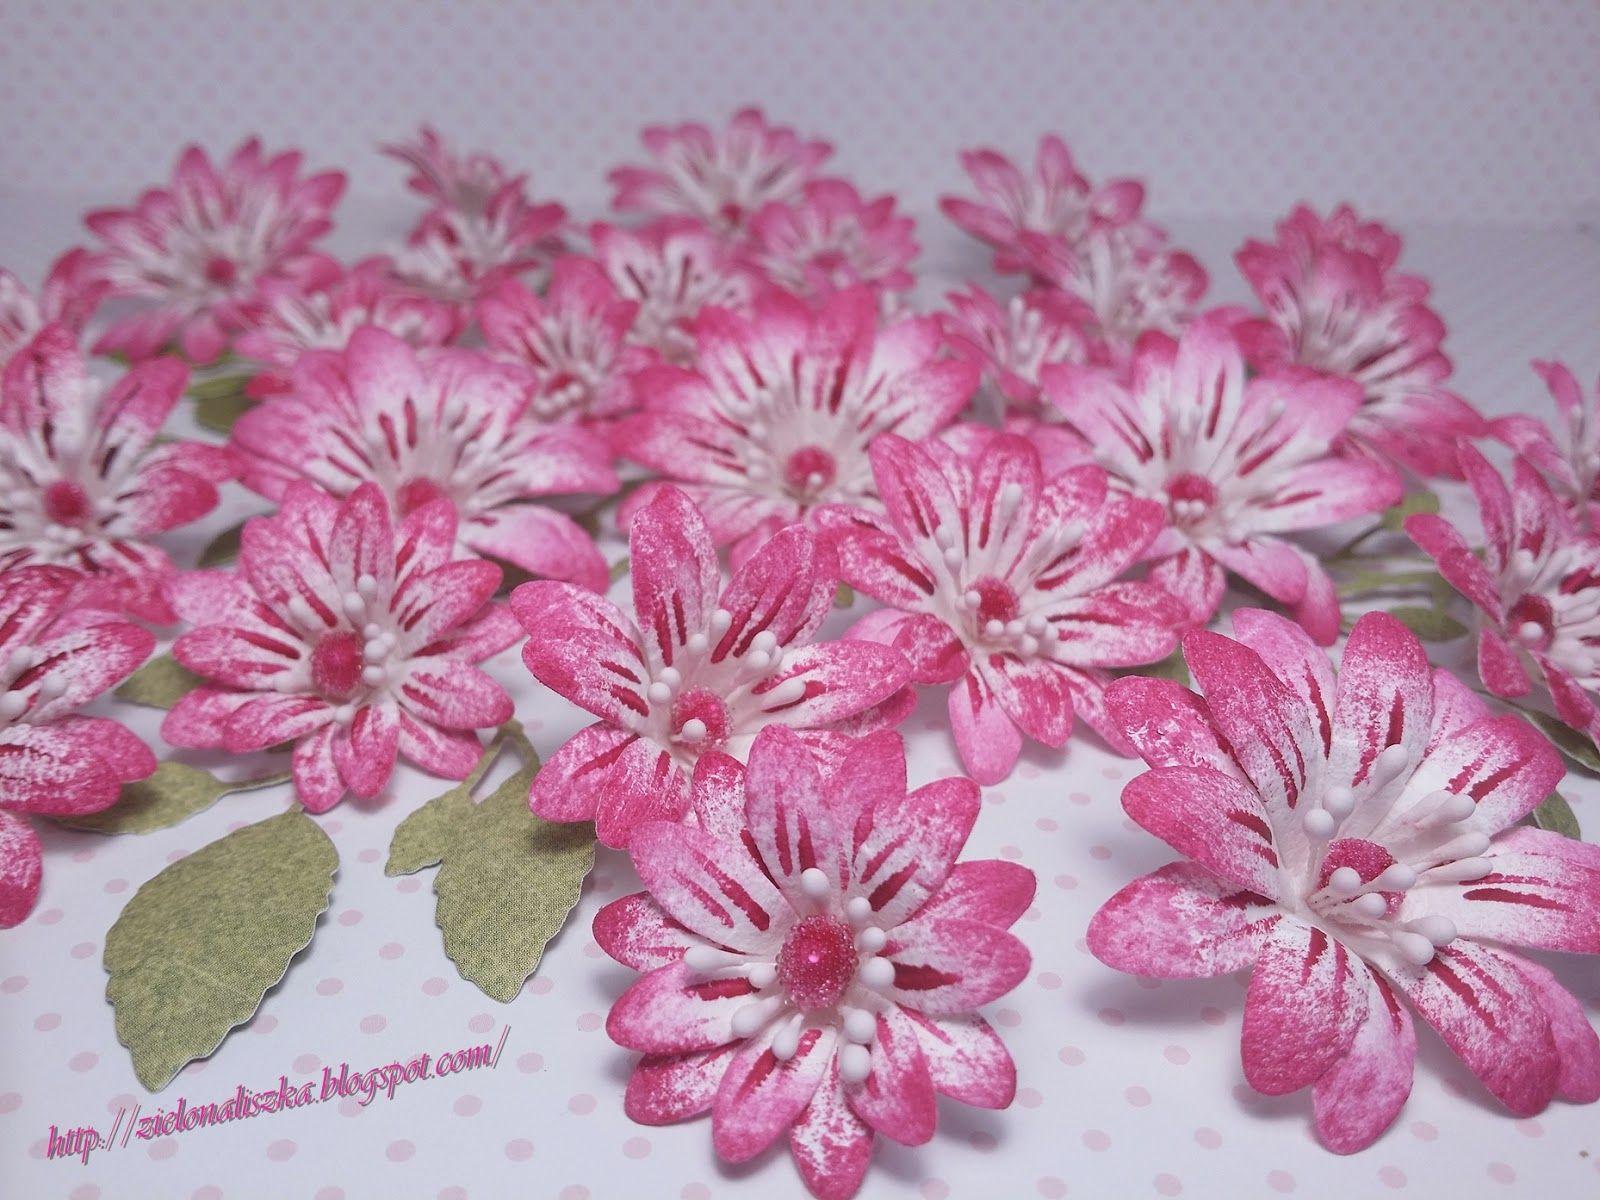 Pare Zdjec Kwiatkow Ktore Powstaly W Nowym Roku Wszystkie Sa Zrobione Z Papieru Czerpanego Te Pie Paper Flower Tutorial Flower Tutorial Handmade Flowers